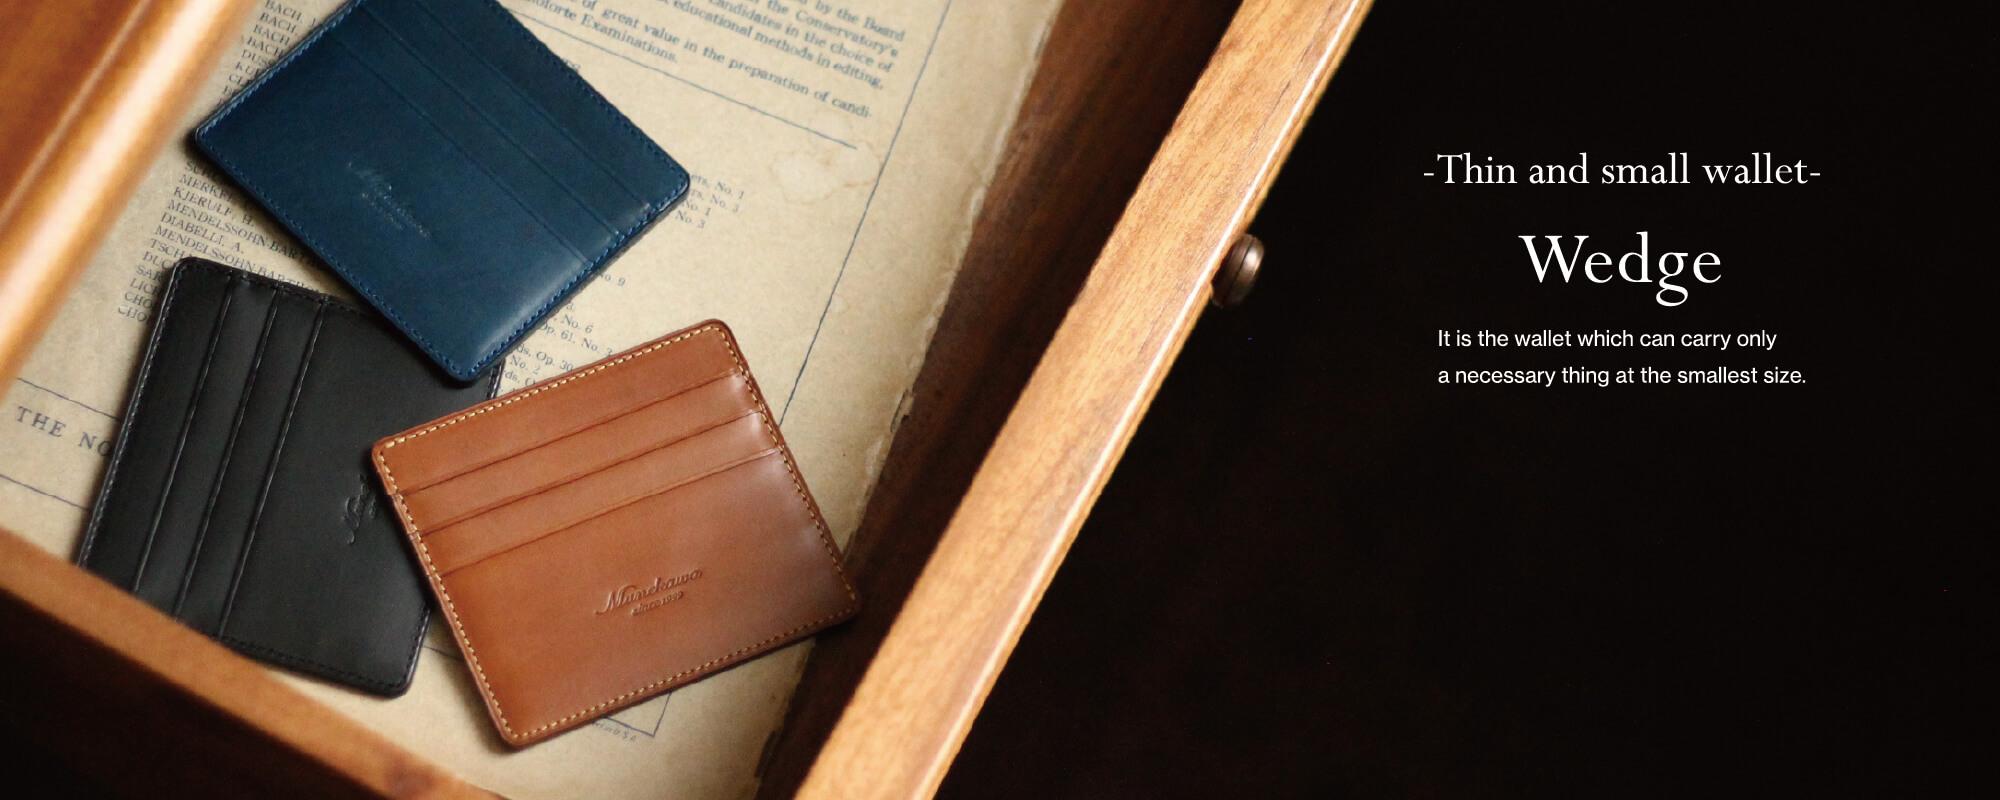 うすたがミニ財布 Wedge